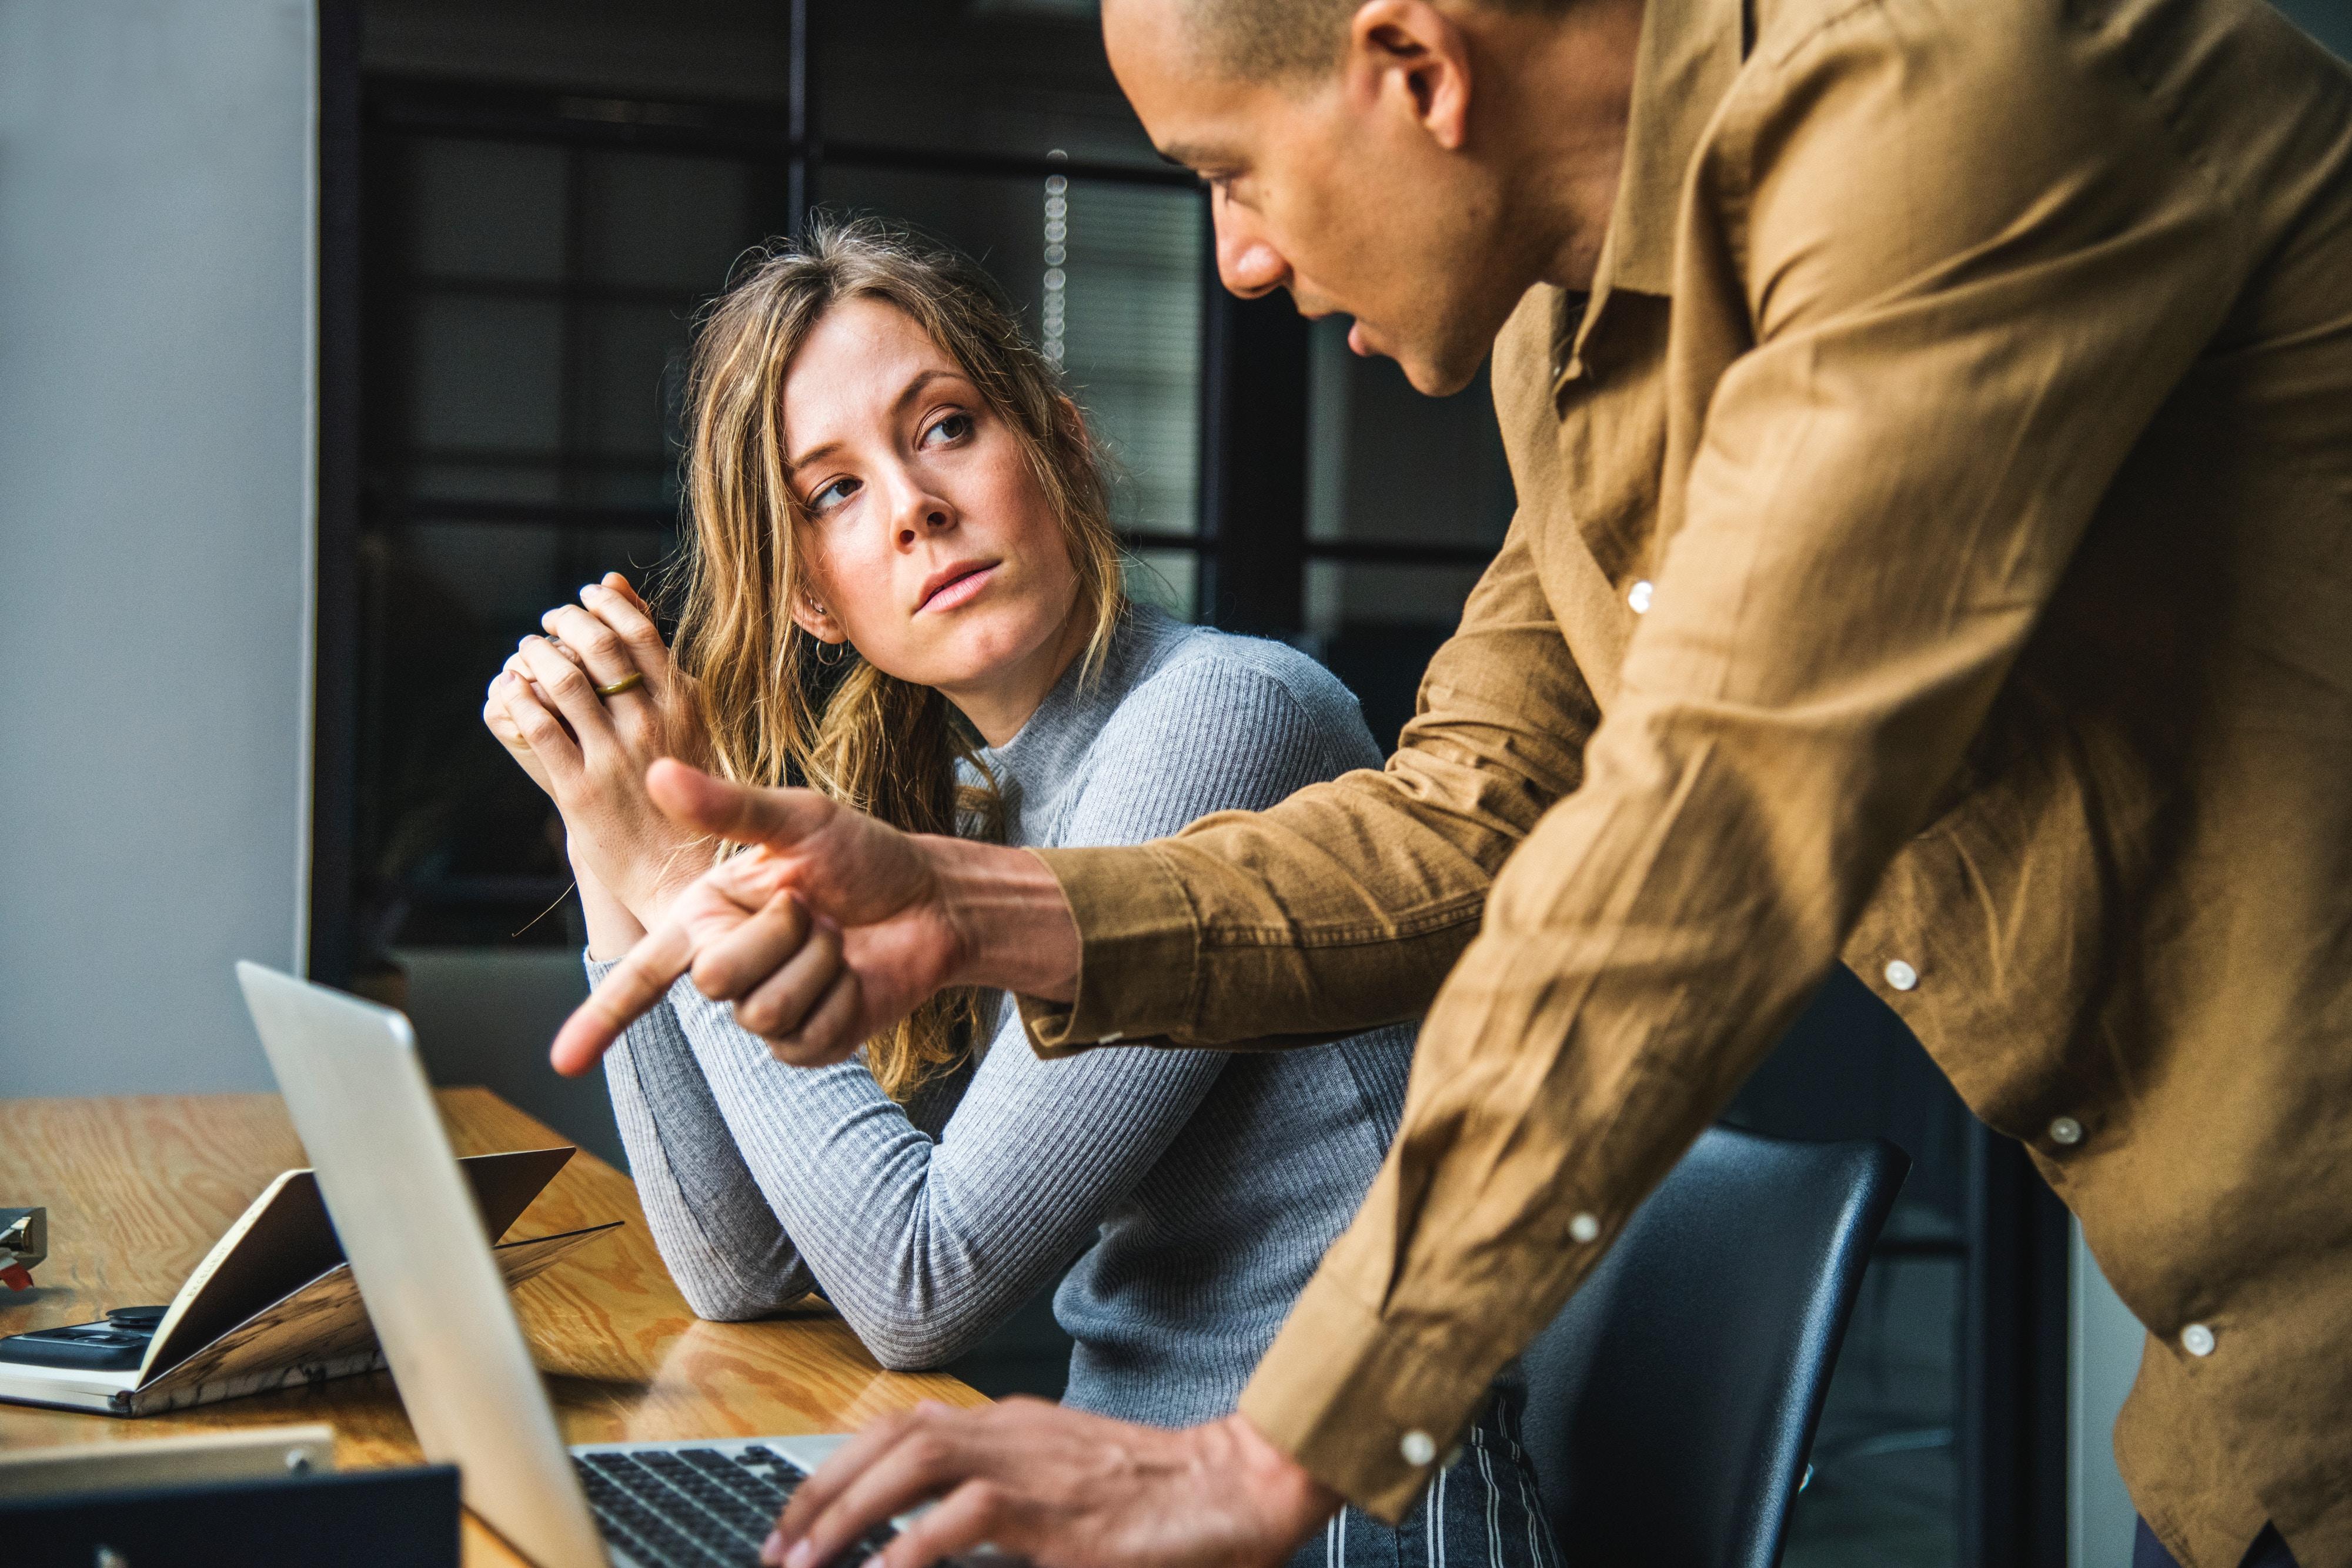 שני אנשים ליד שולחן עם מחשב.